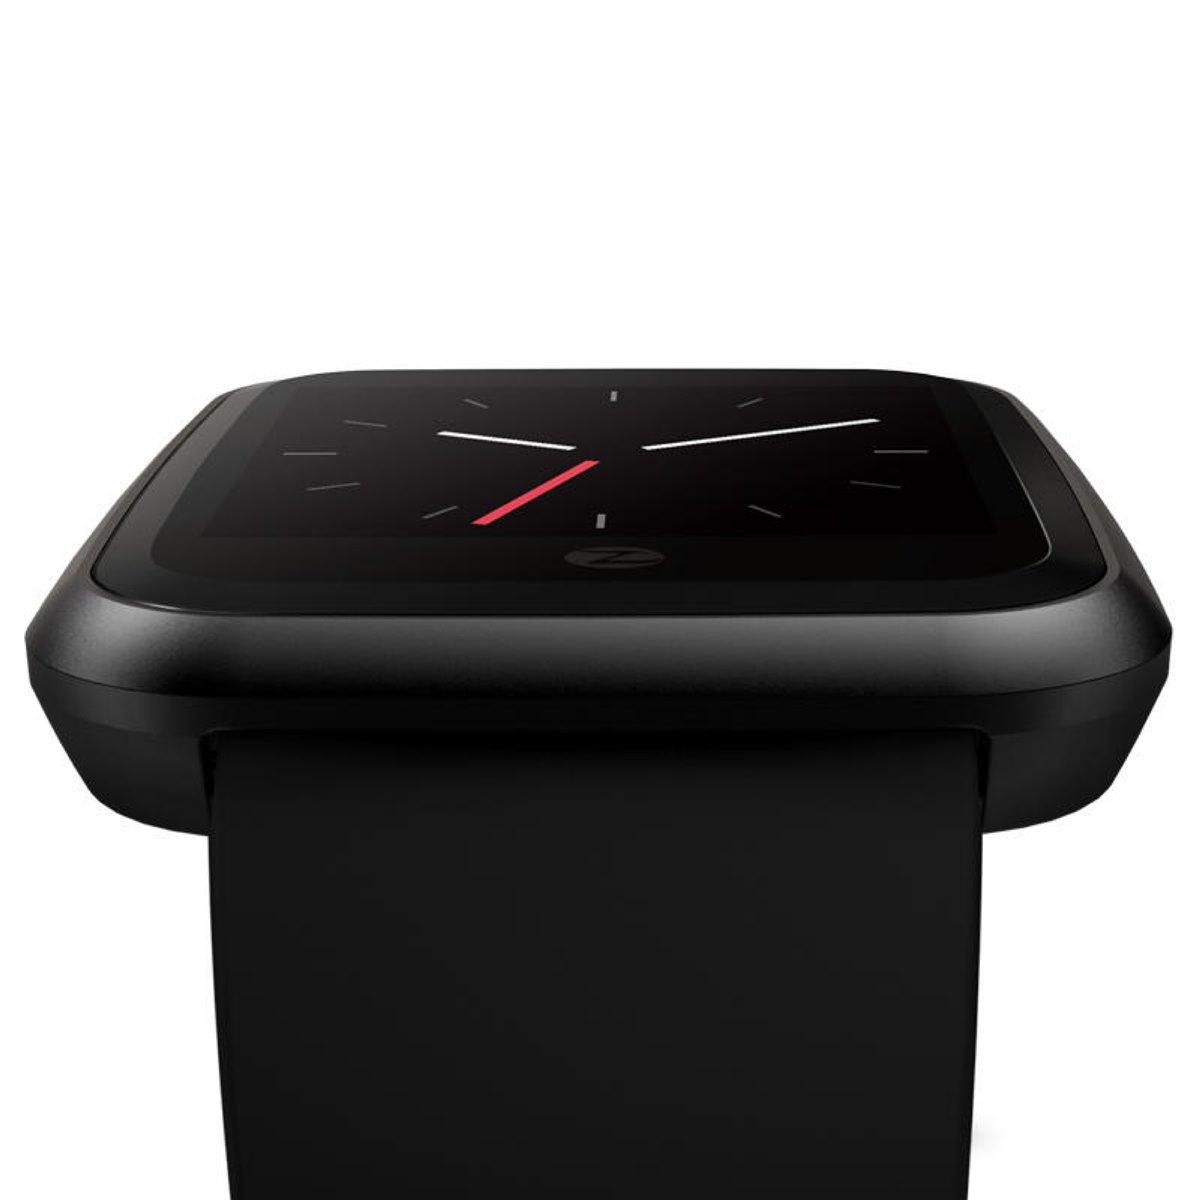 Yeni Zeblaze Kristal 2 Akıllı Saat 1.29 inch Renk Ekran Gorilla Glass